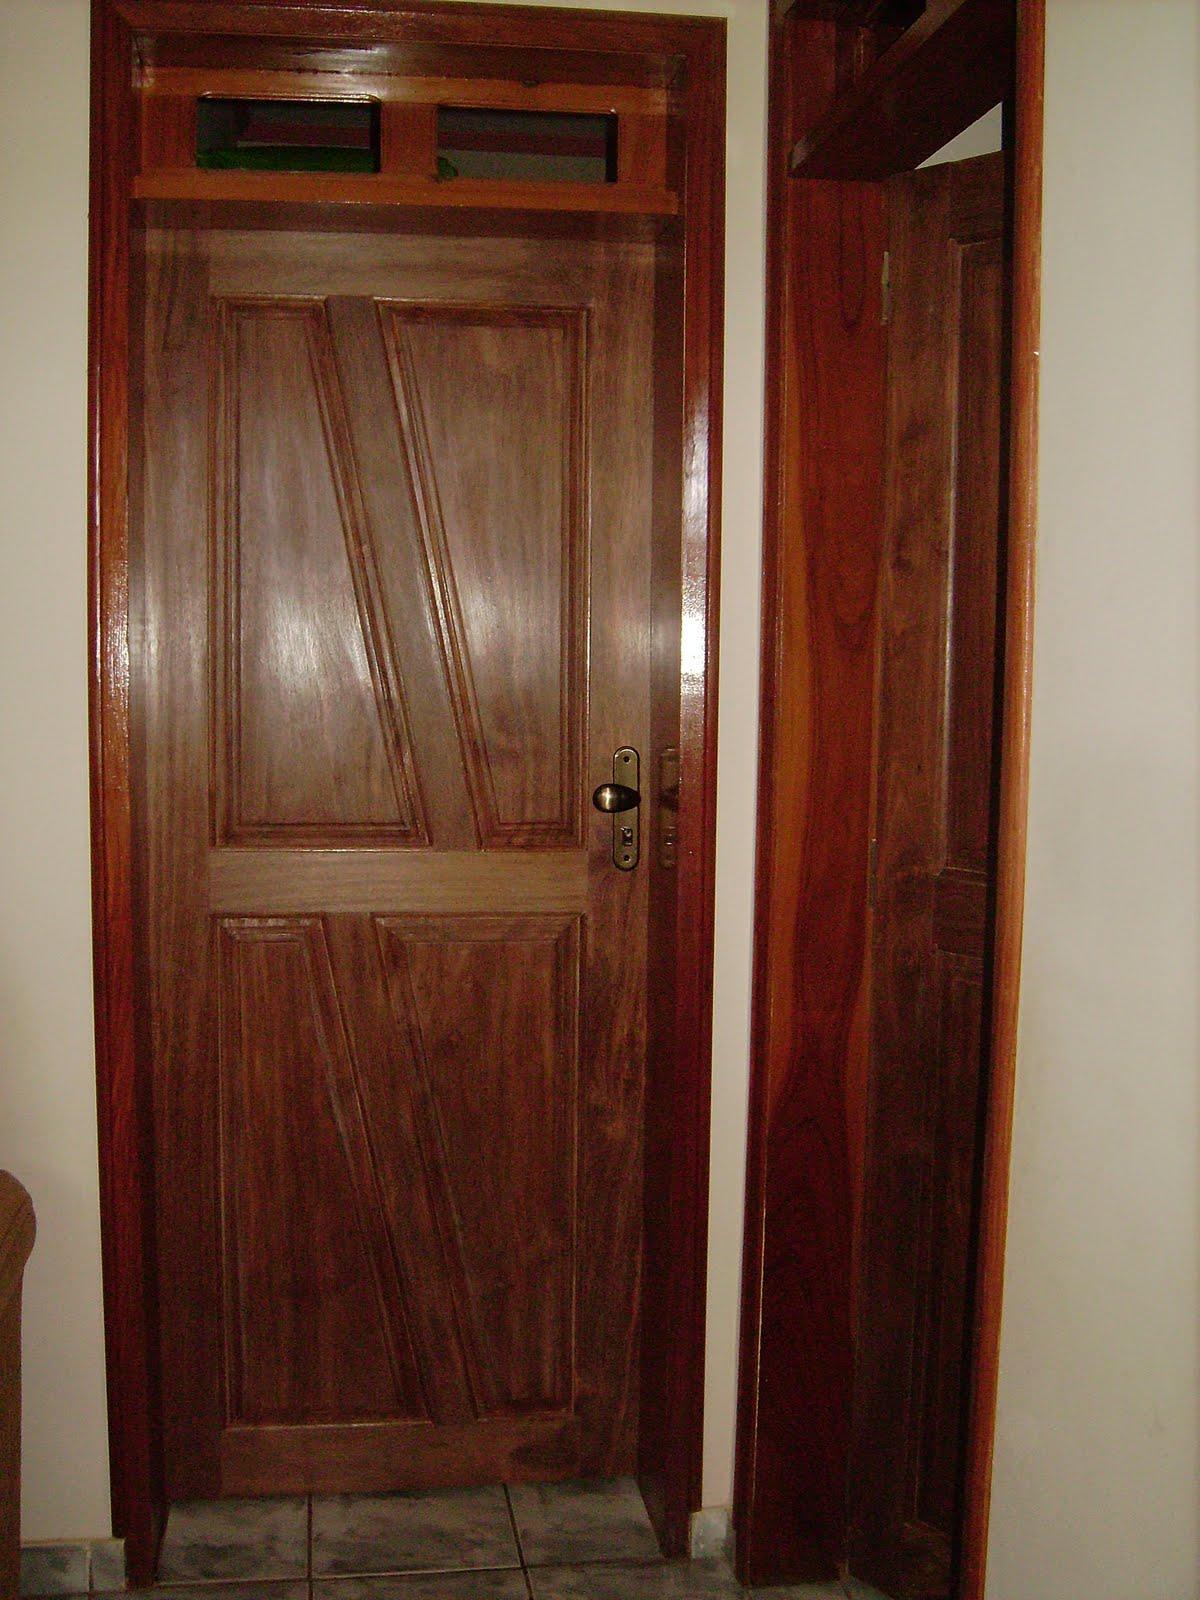 #3A160E Madeireira e Marcenaria Casa Nova: Portas residenciais 1206 Portas E Janelas De Madeira Em Vitoria Da Conquista